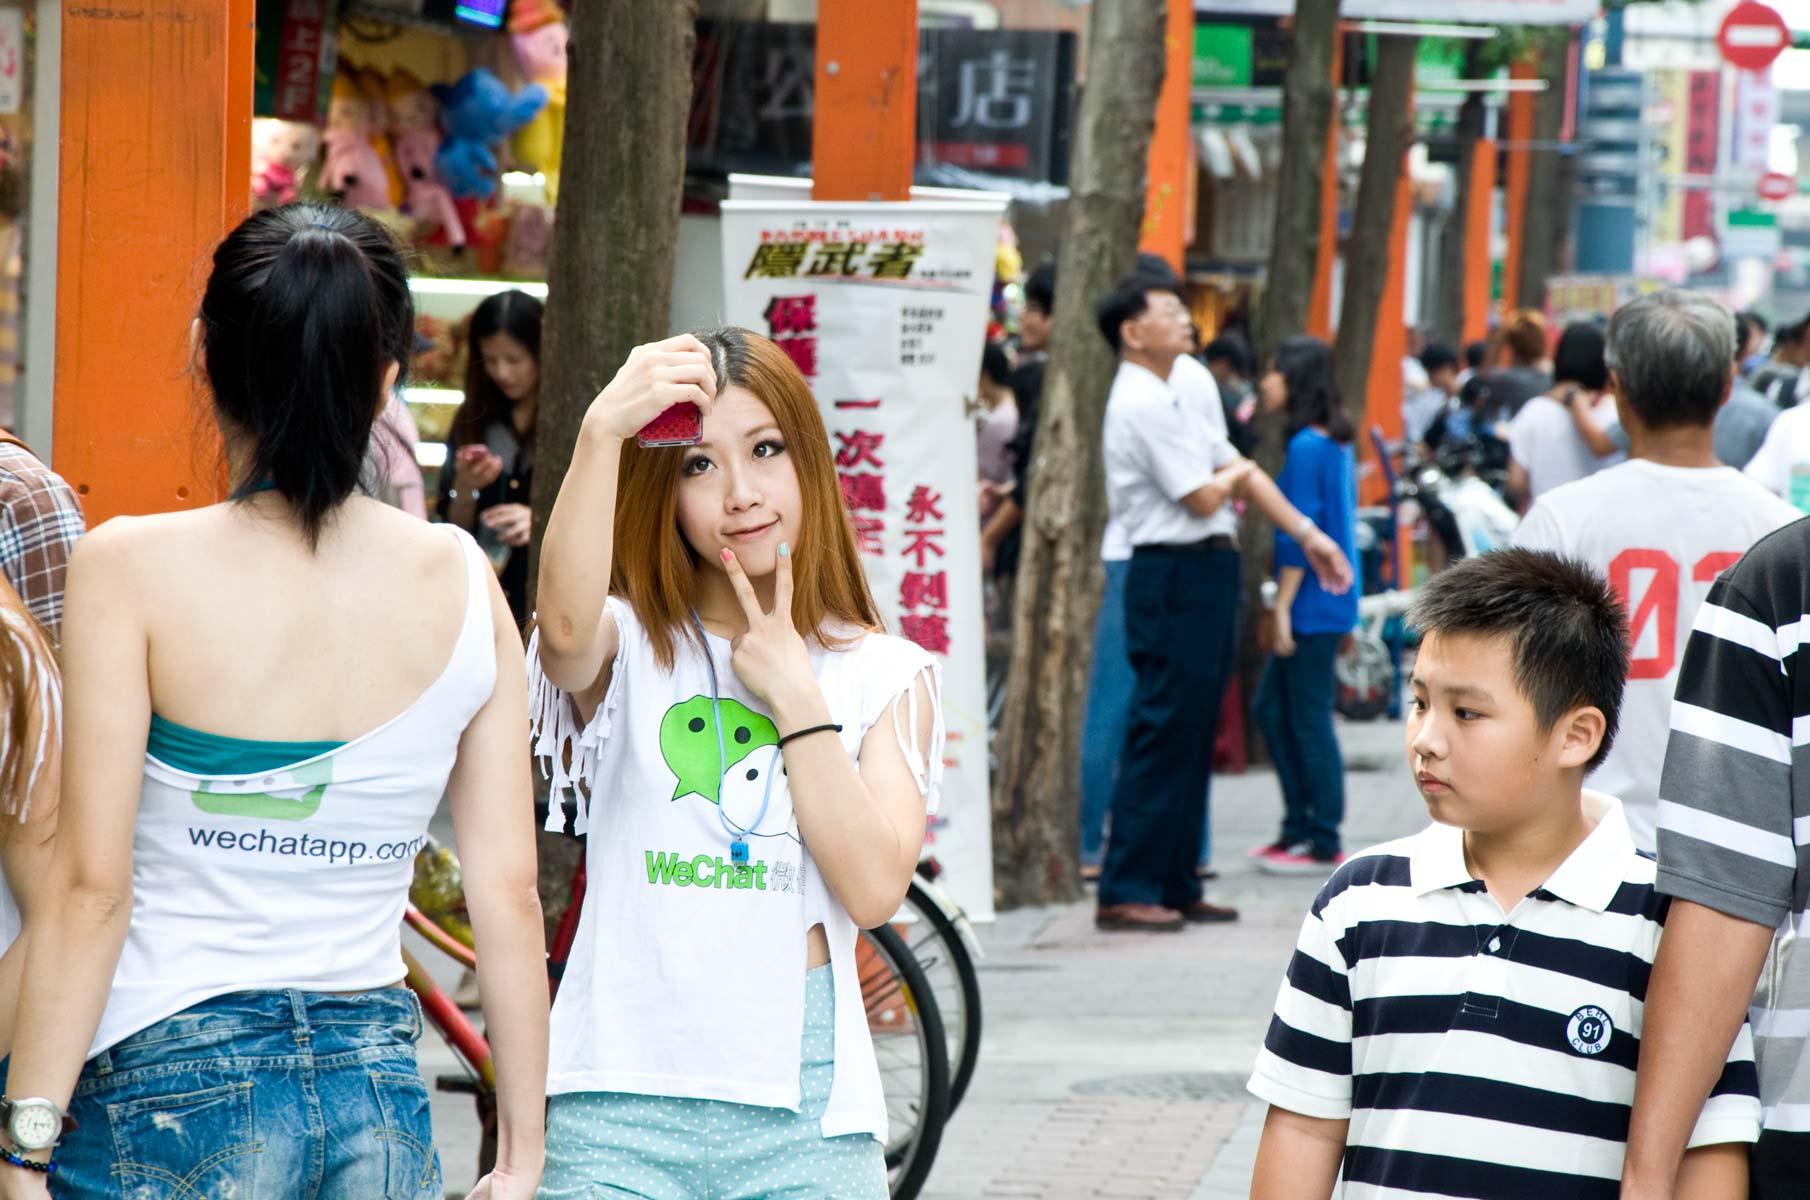 WeChat Promotion im Vergnügungsviertel Ximending in Taipei, Taiwan